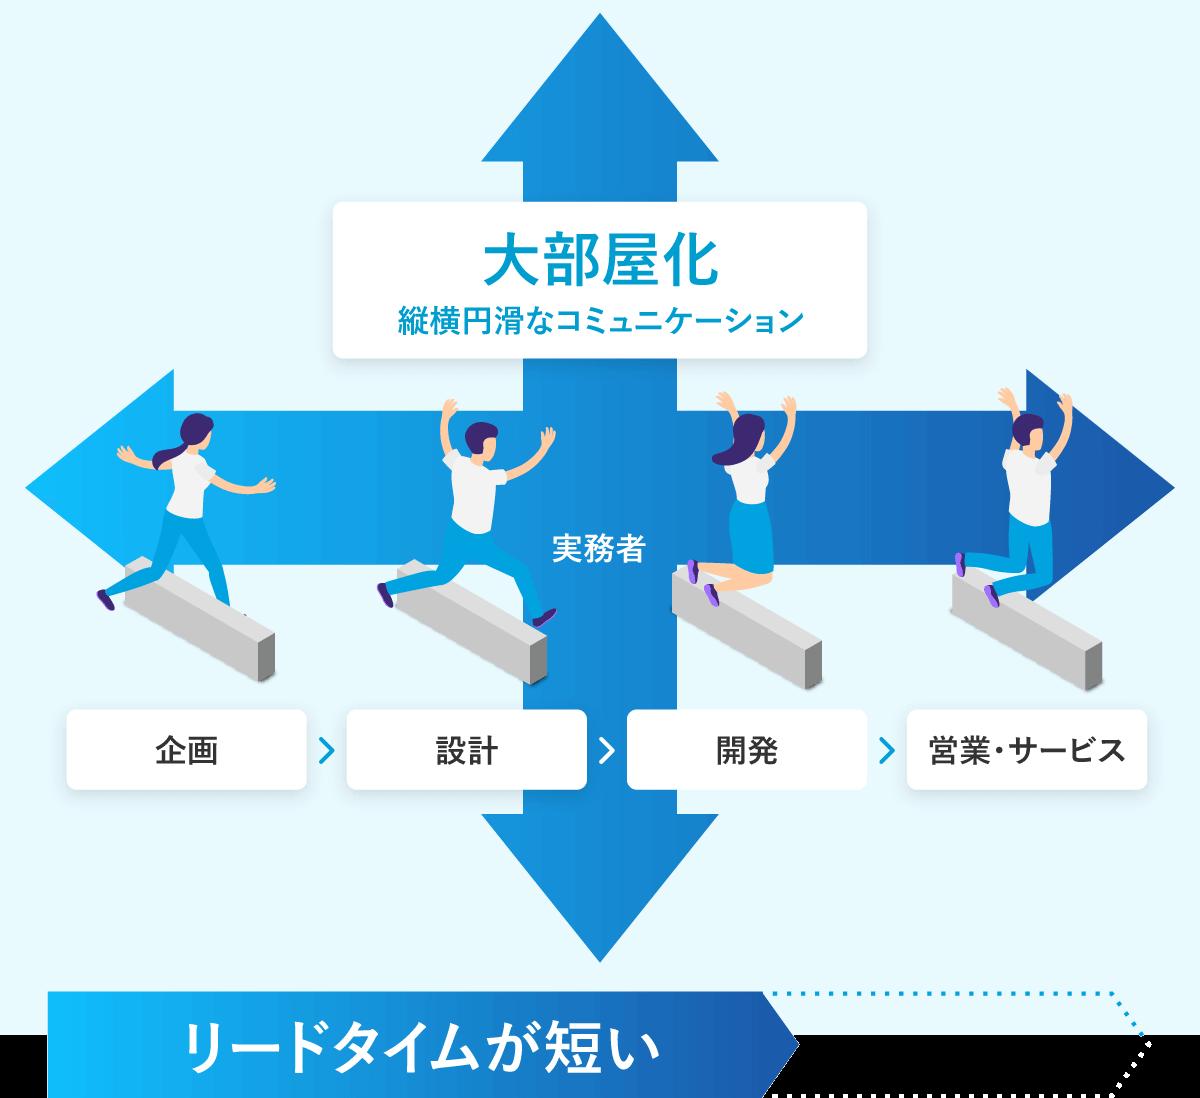 自律型、縦横双方向のマネジメント